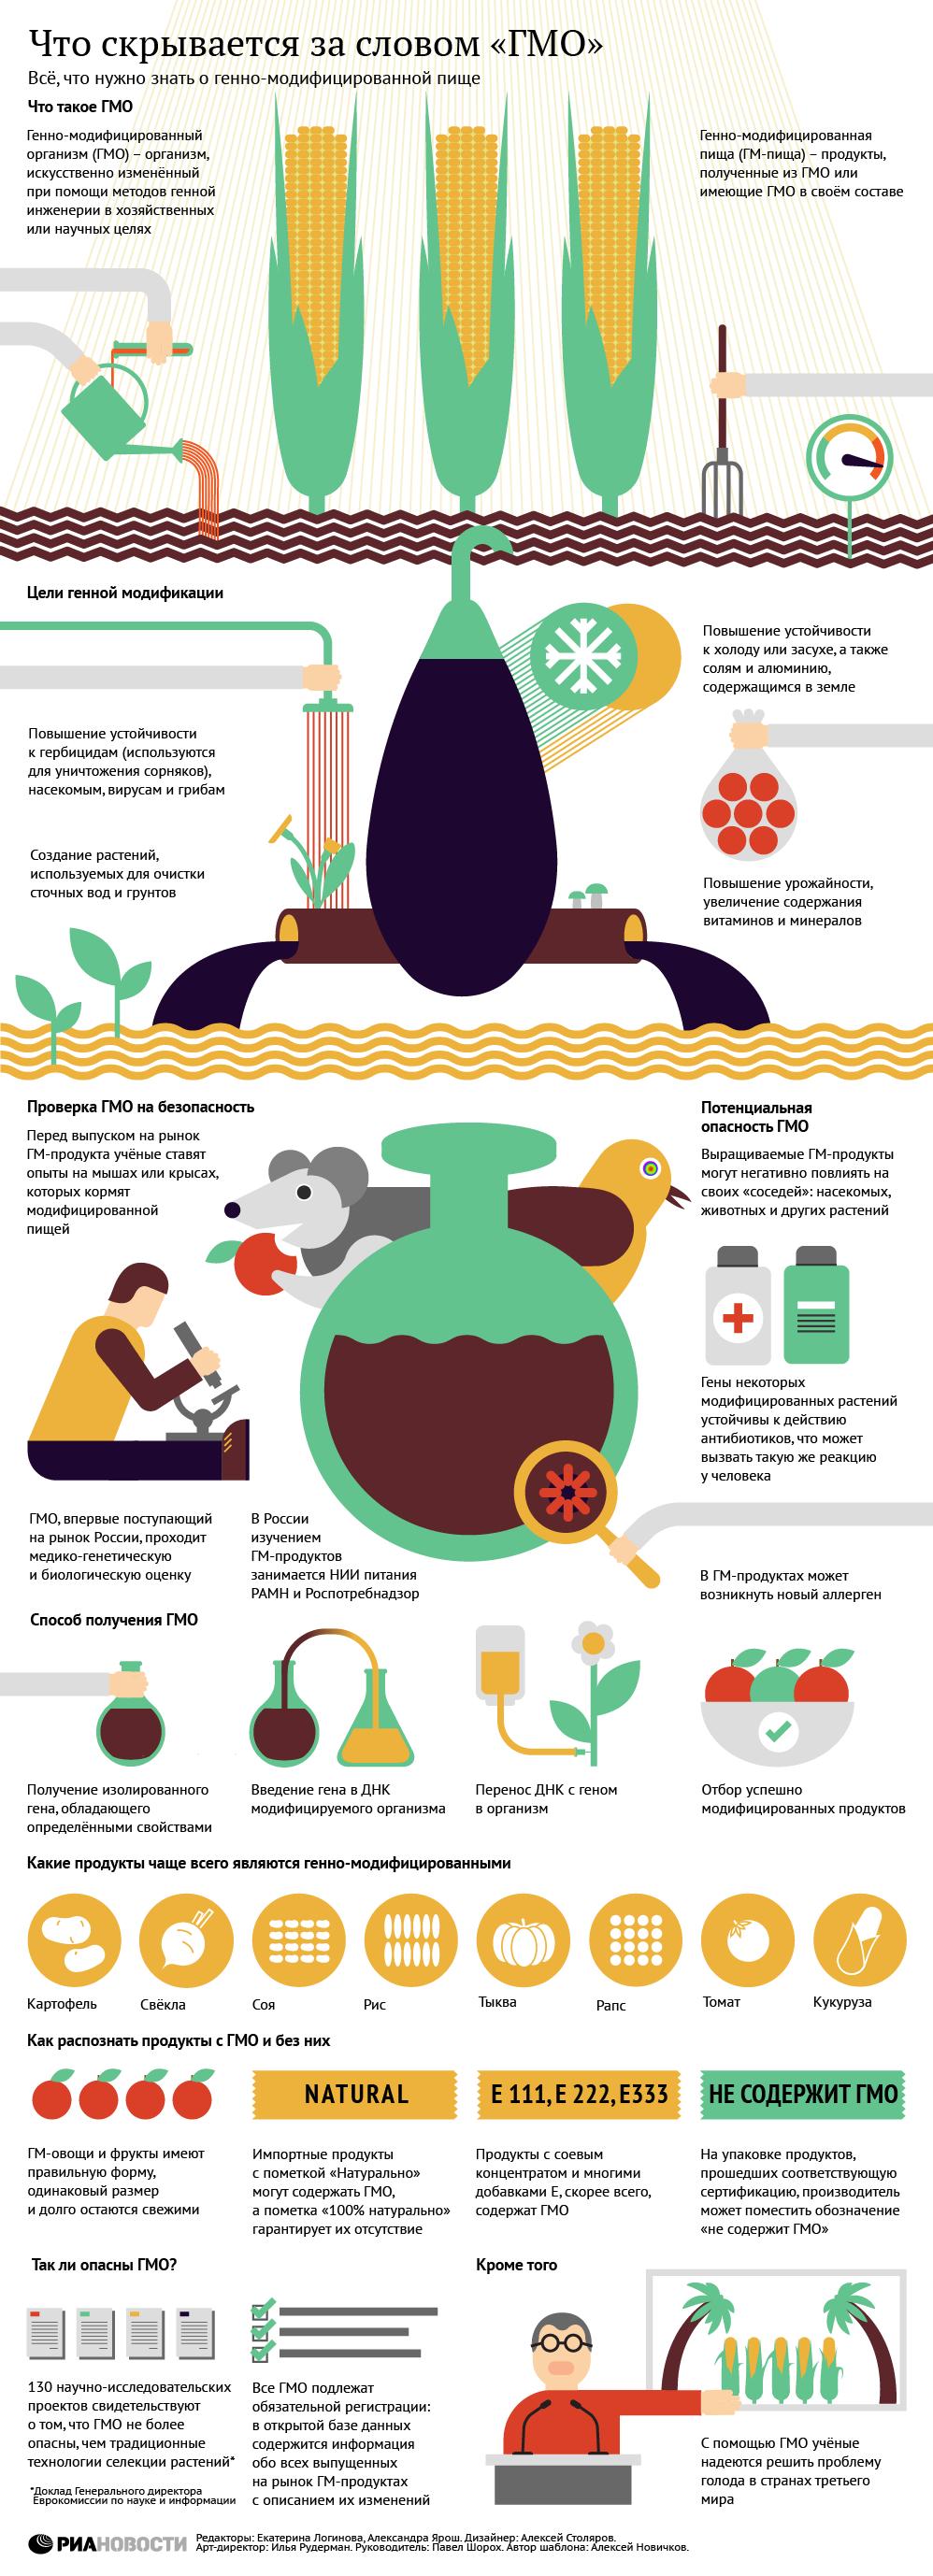 ГМО: что это такое и стоит ли бояться_НЕ ИСПОЛЬЗОВАТЬ